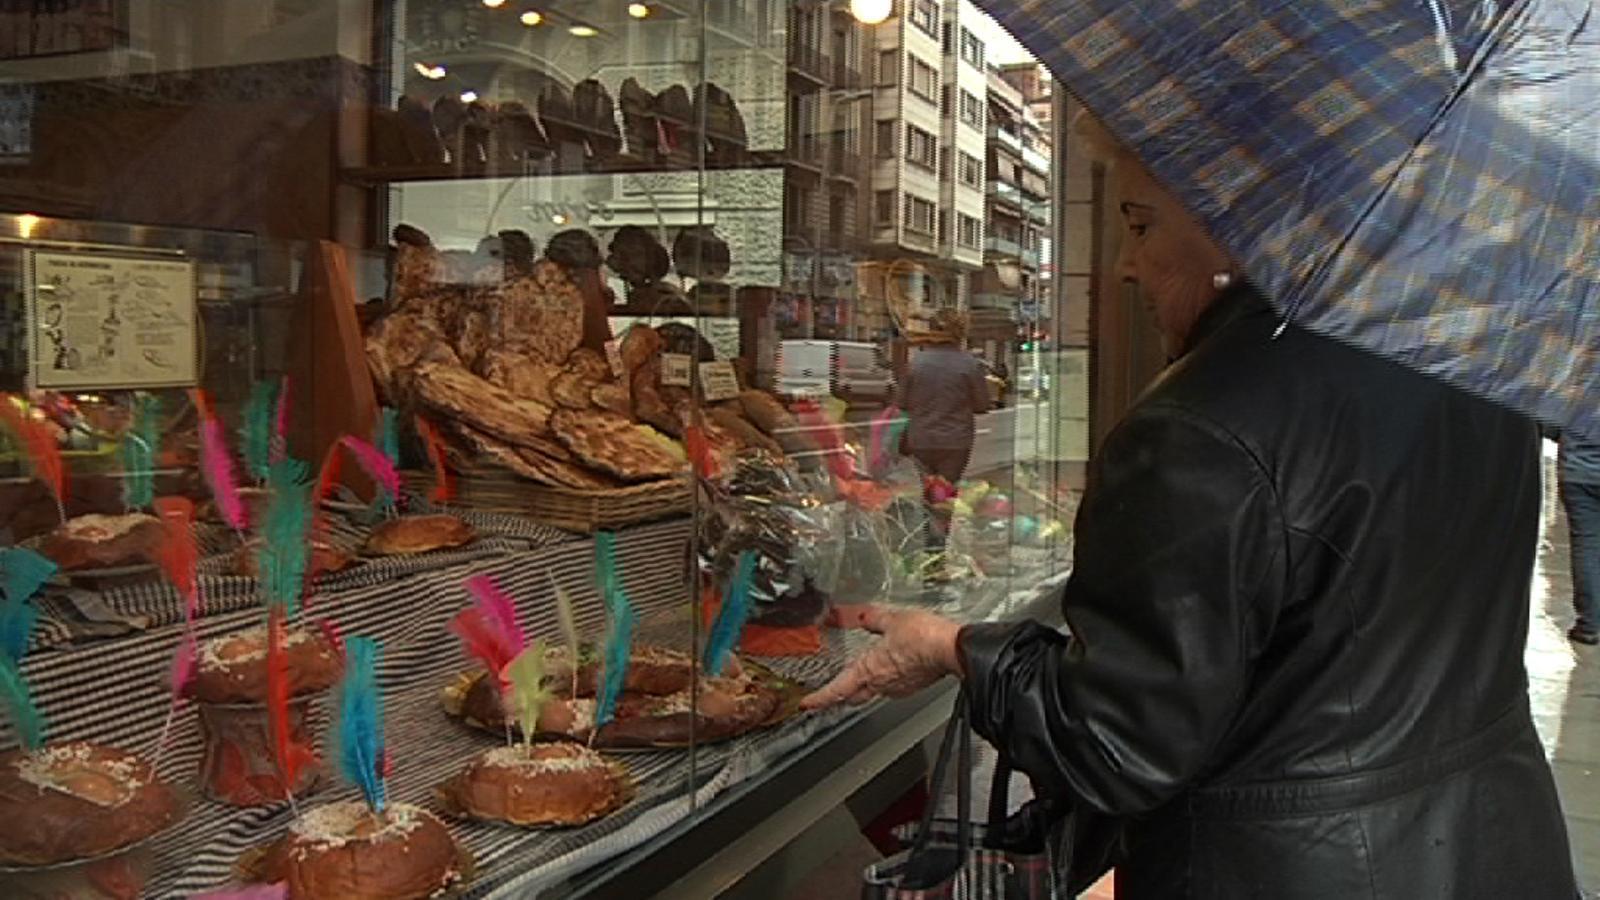 Vosaltres què compreu per Setmana Santa: xocolata, cristines o panades mallorquines?